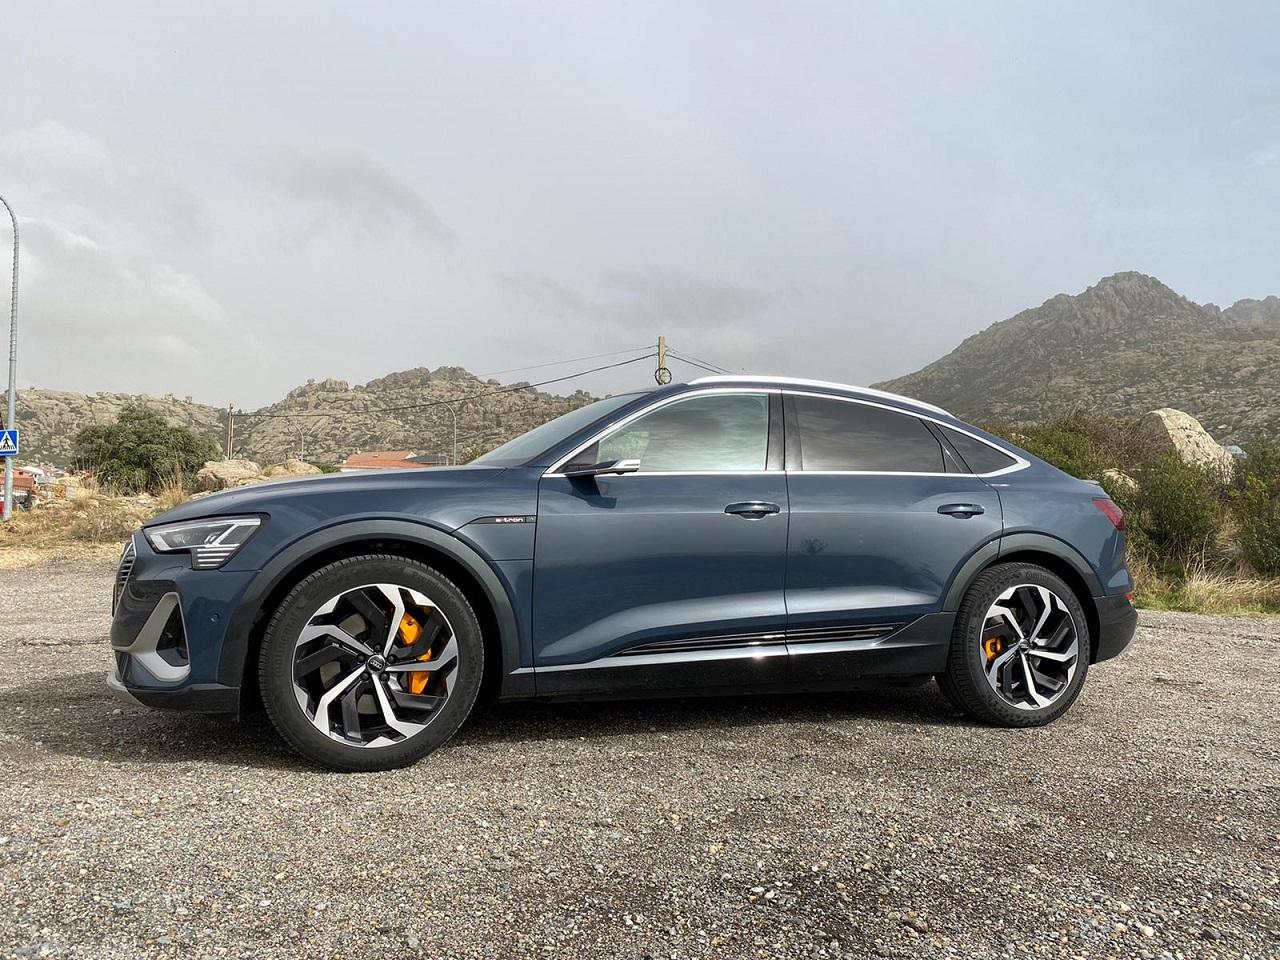 Prueba AutoFM: Audi e tron Sportback